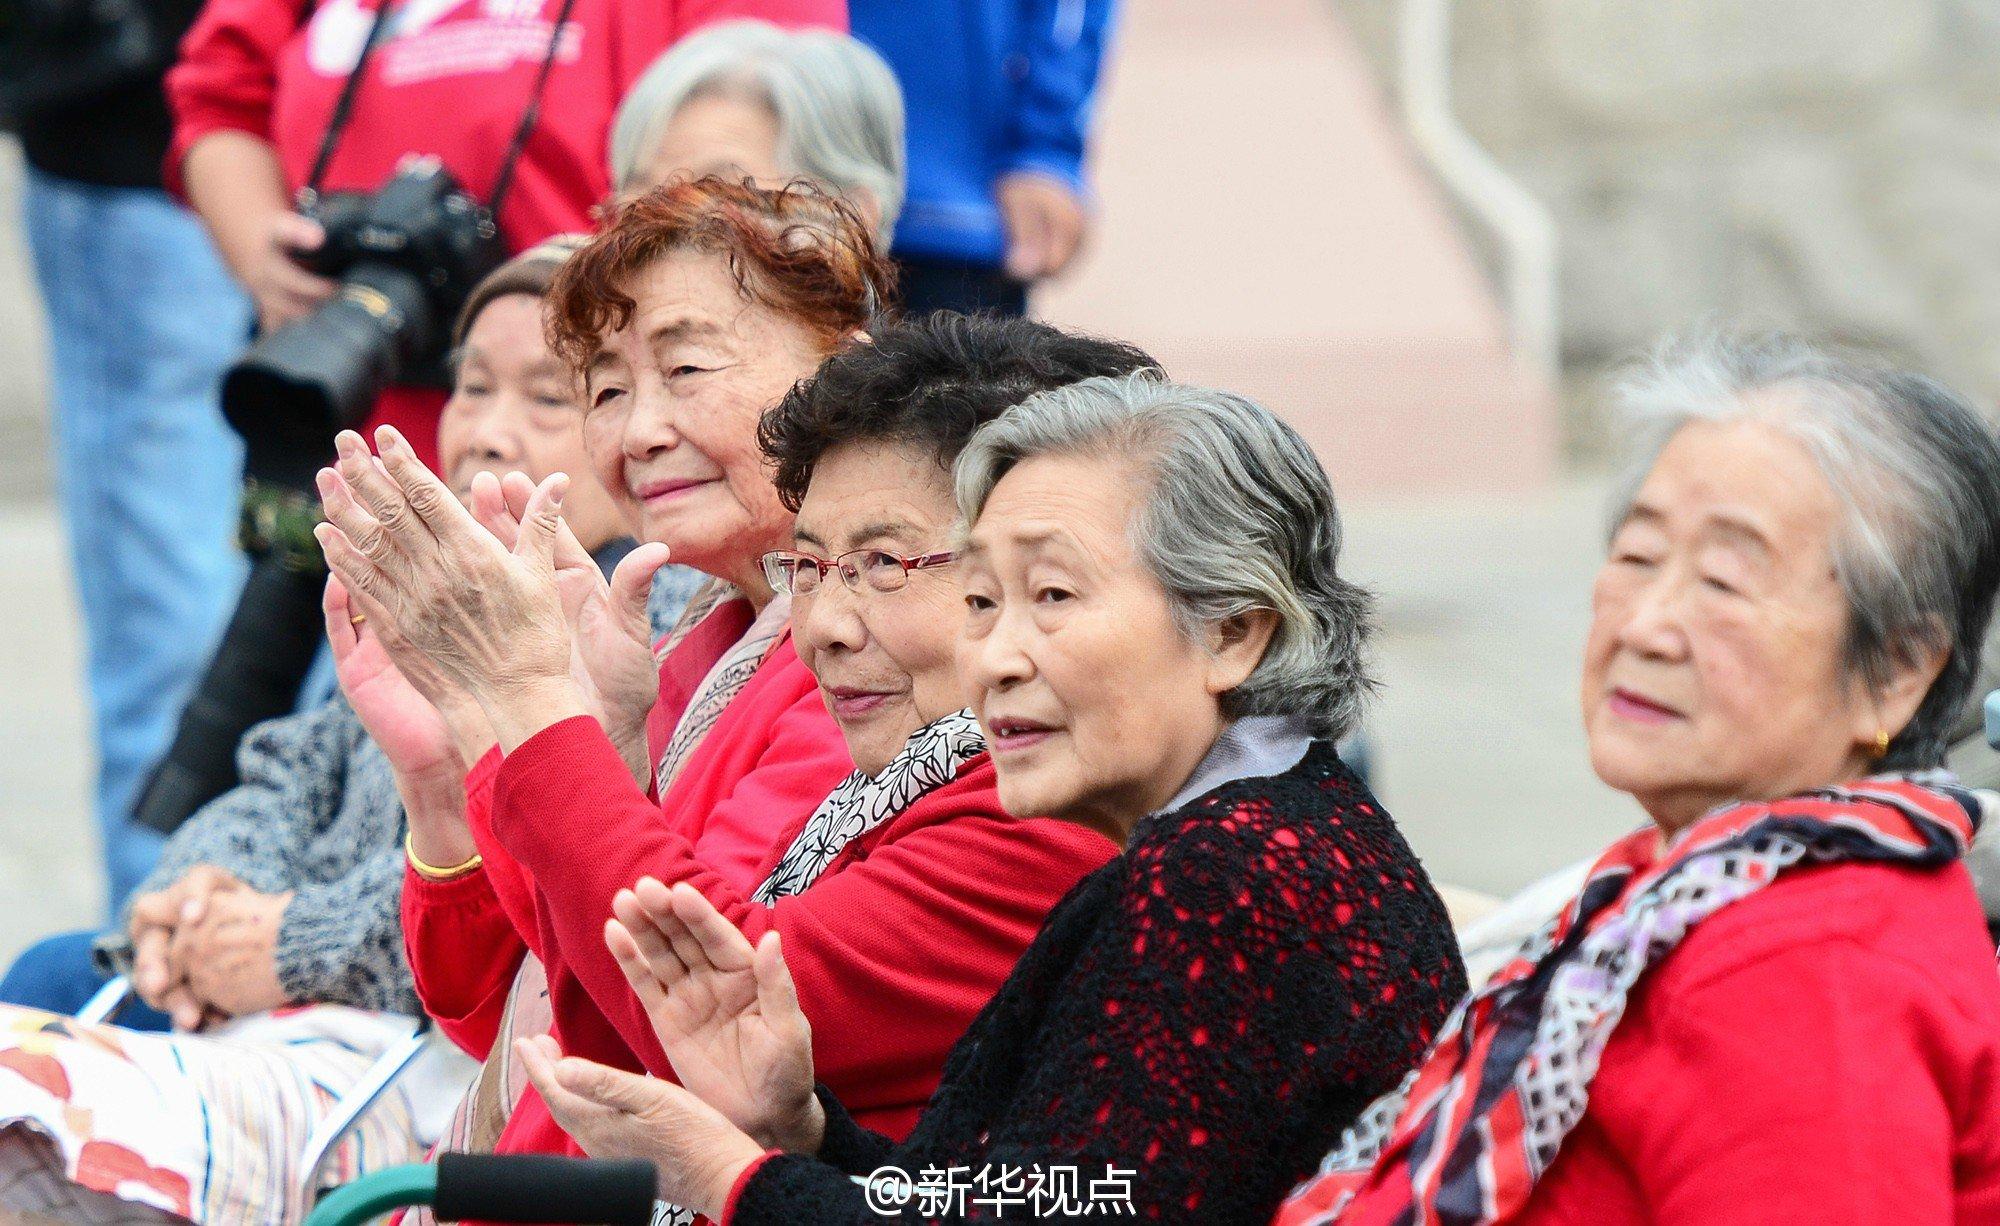 Sube a 84.63 años esperanza de vida femenina en Beijing